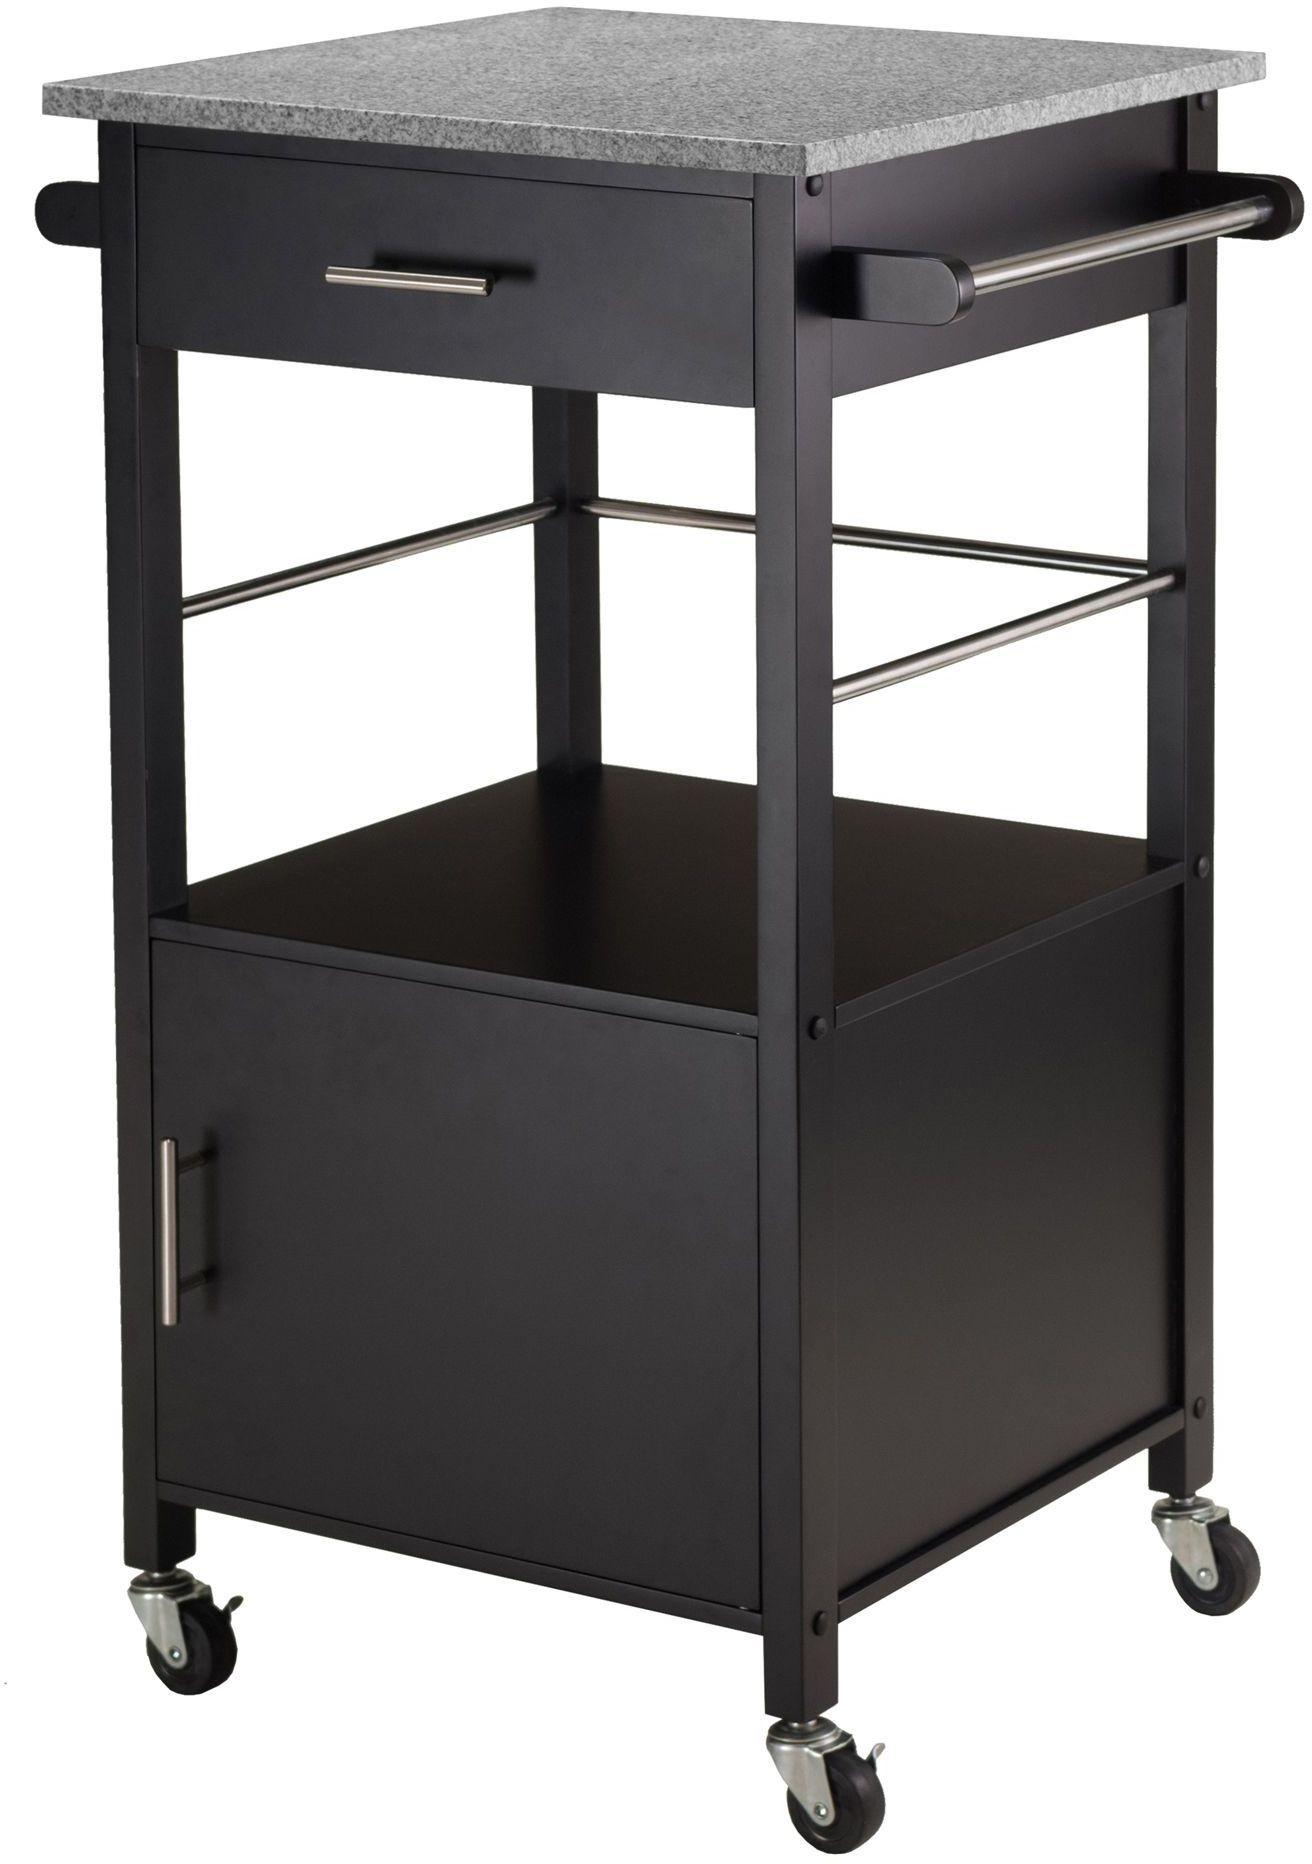 marble top kitchen cart cabinet door hardware davenport granite black from winsomewood